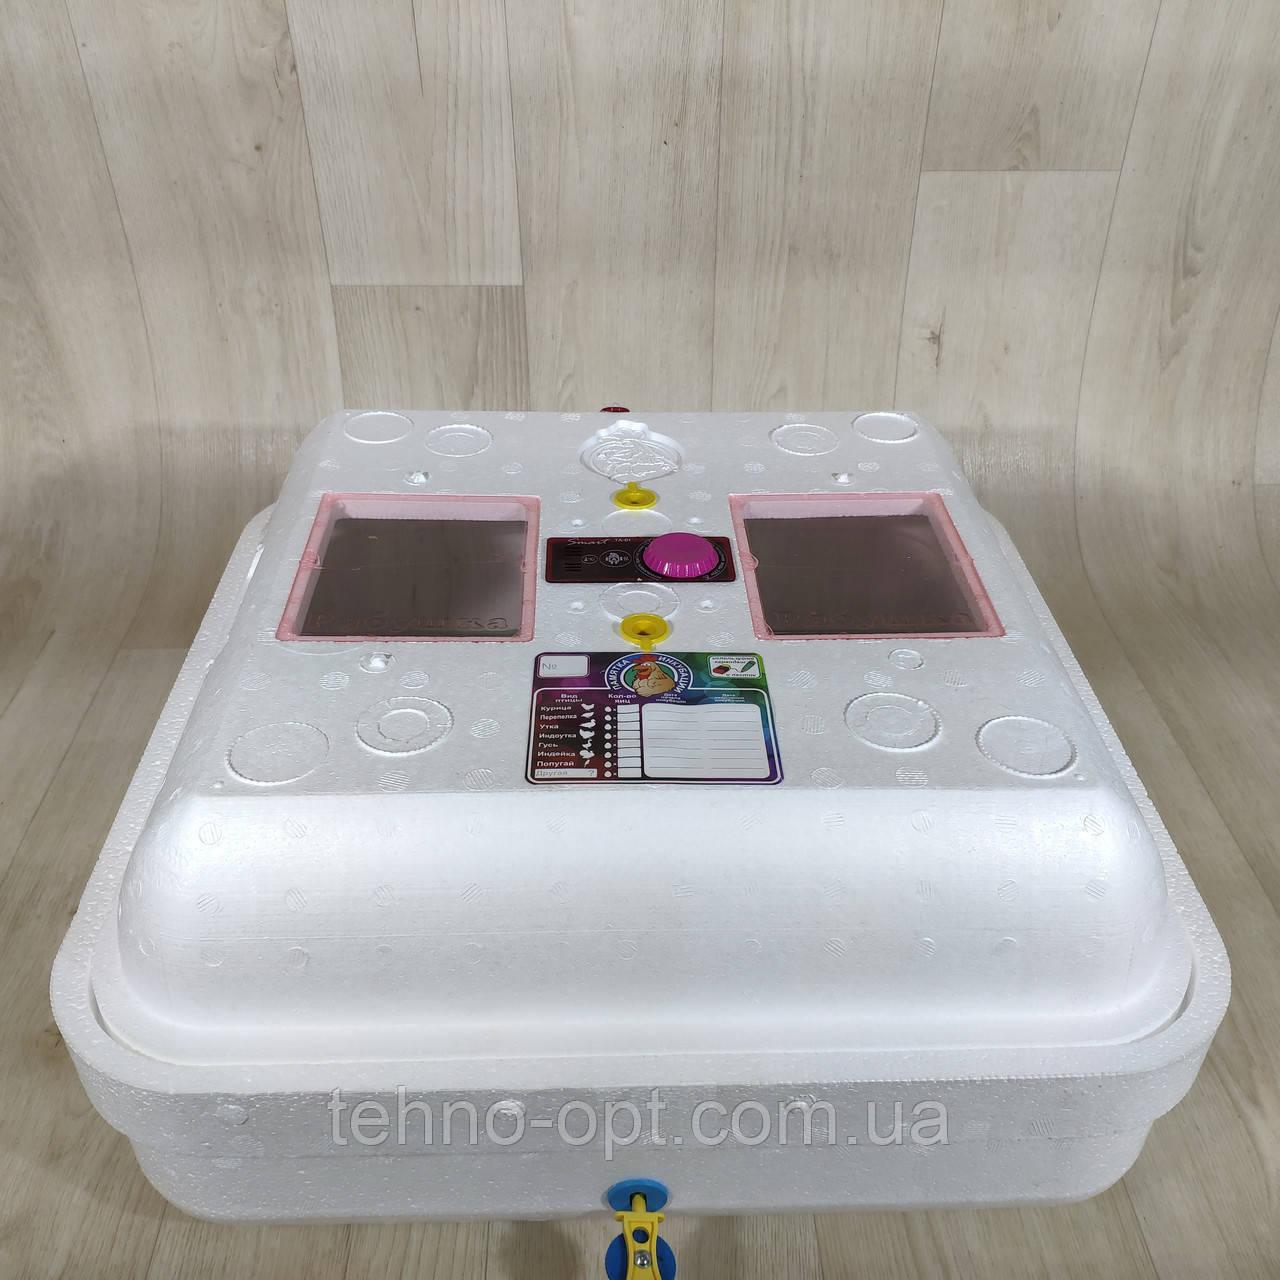 Инкубатор Рябушка на 70 яиц Smart plus с ручным переворотом и аналоговым терморегулятором